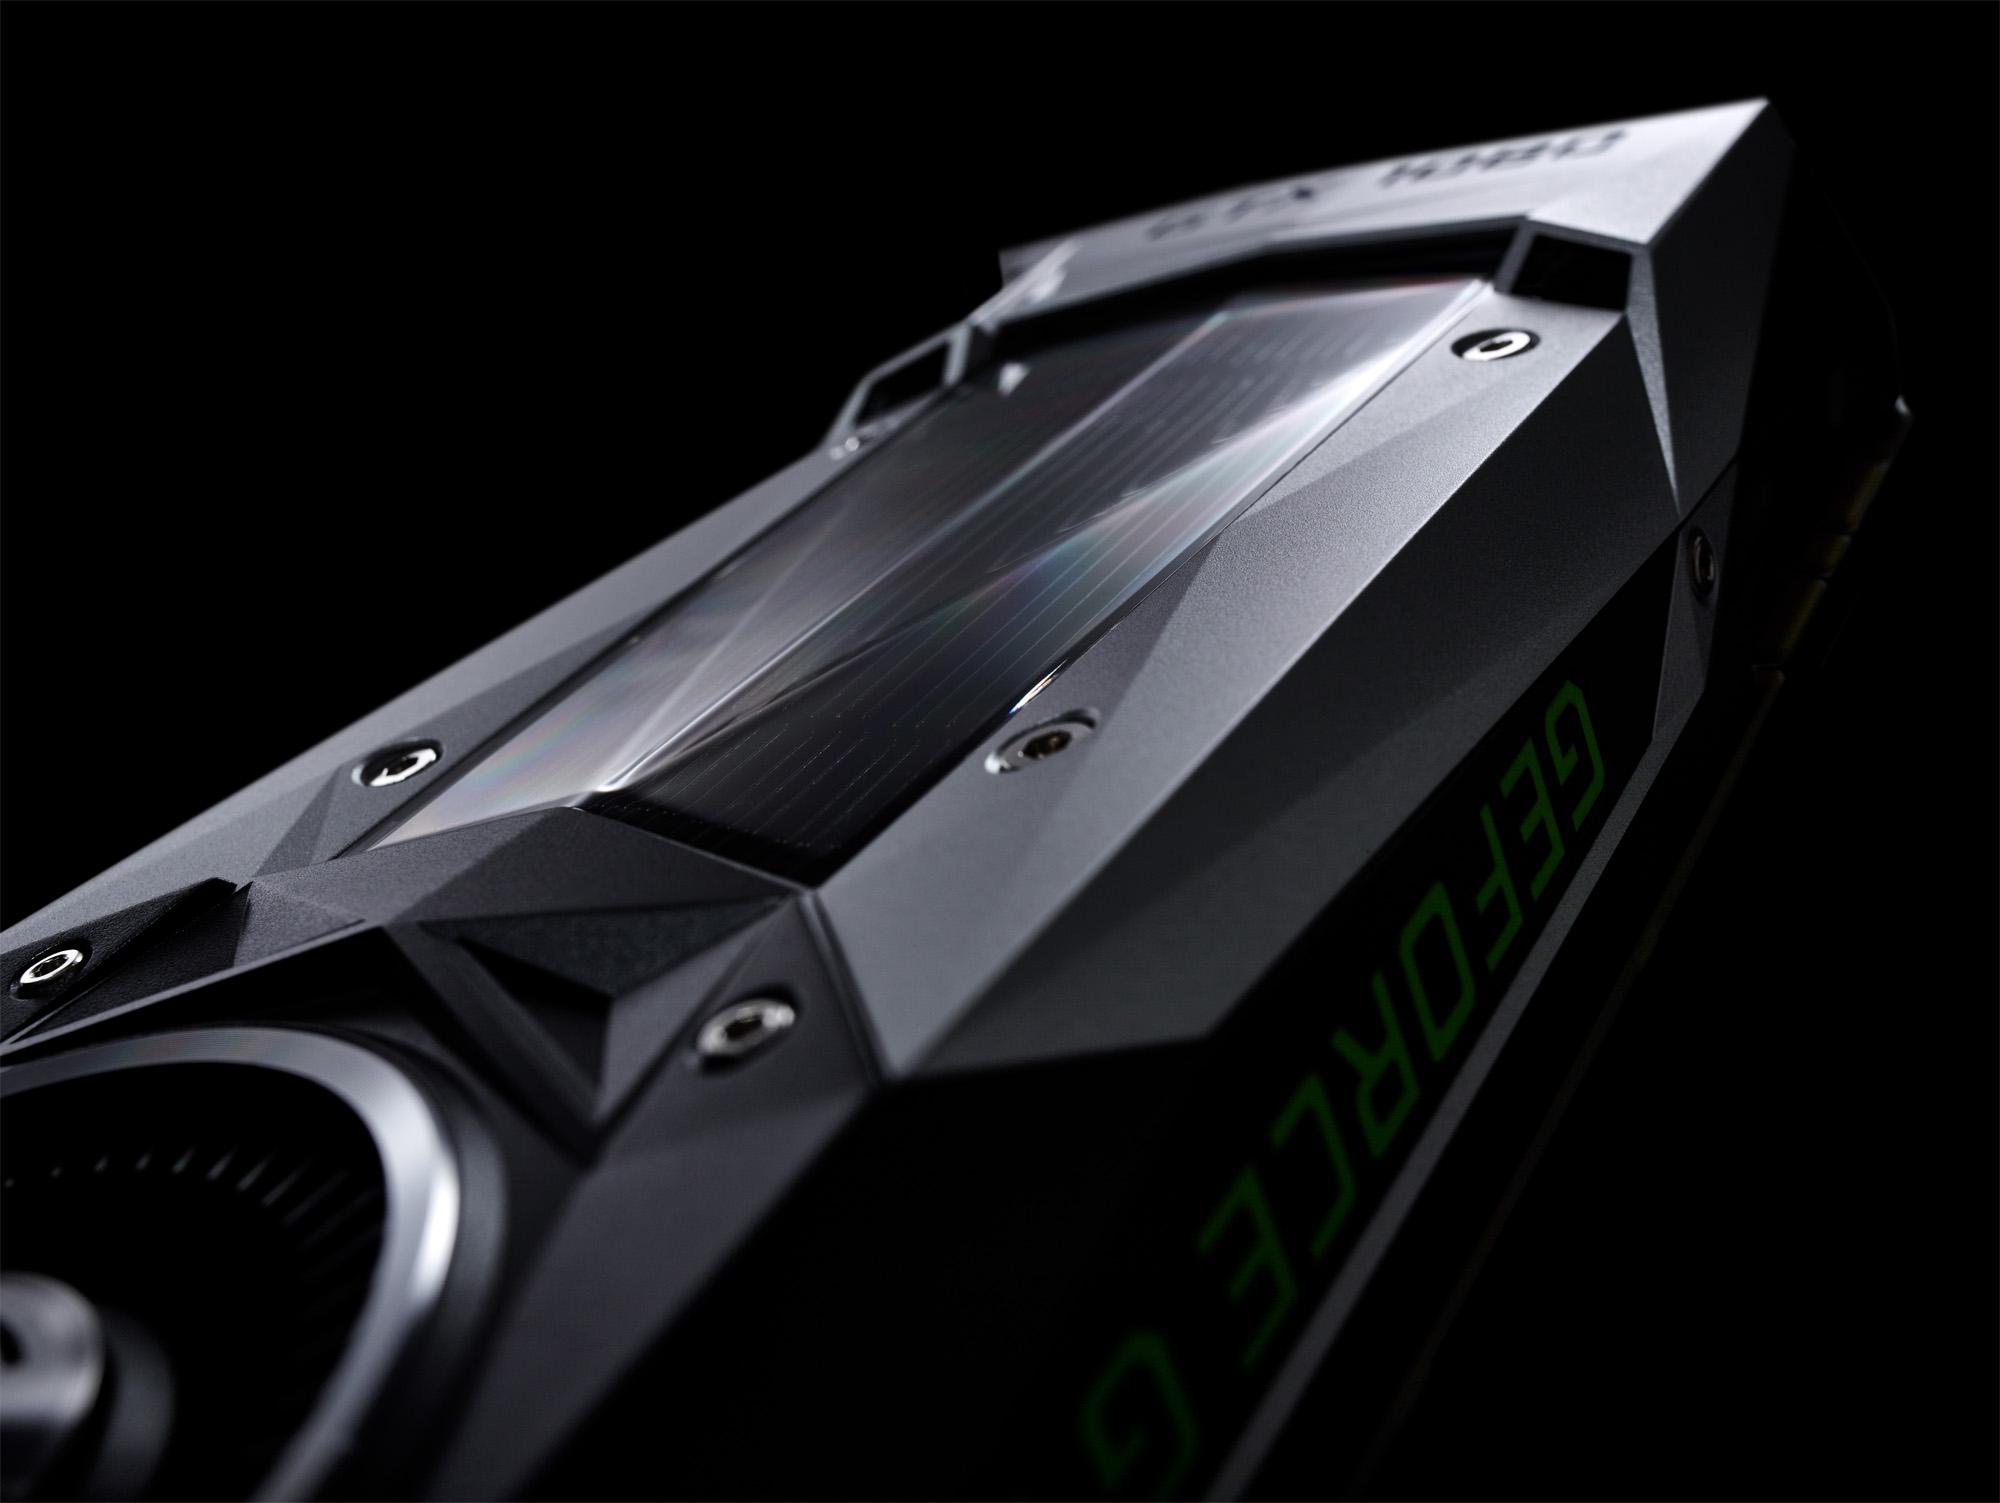 NVIDIA GeForce GTX 970 más que una simple tarjeta gráfica de gama media